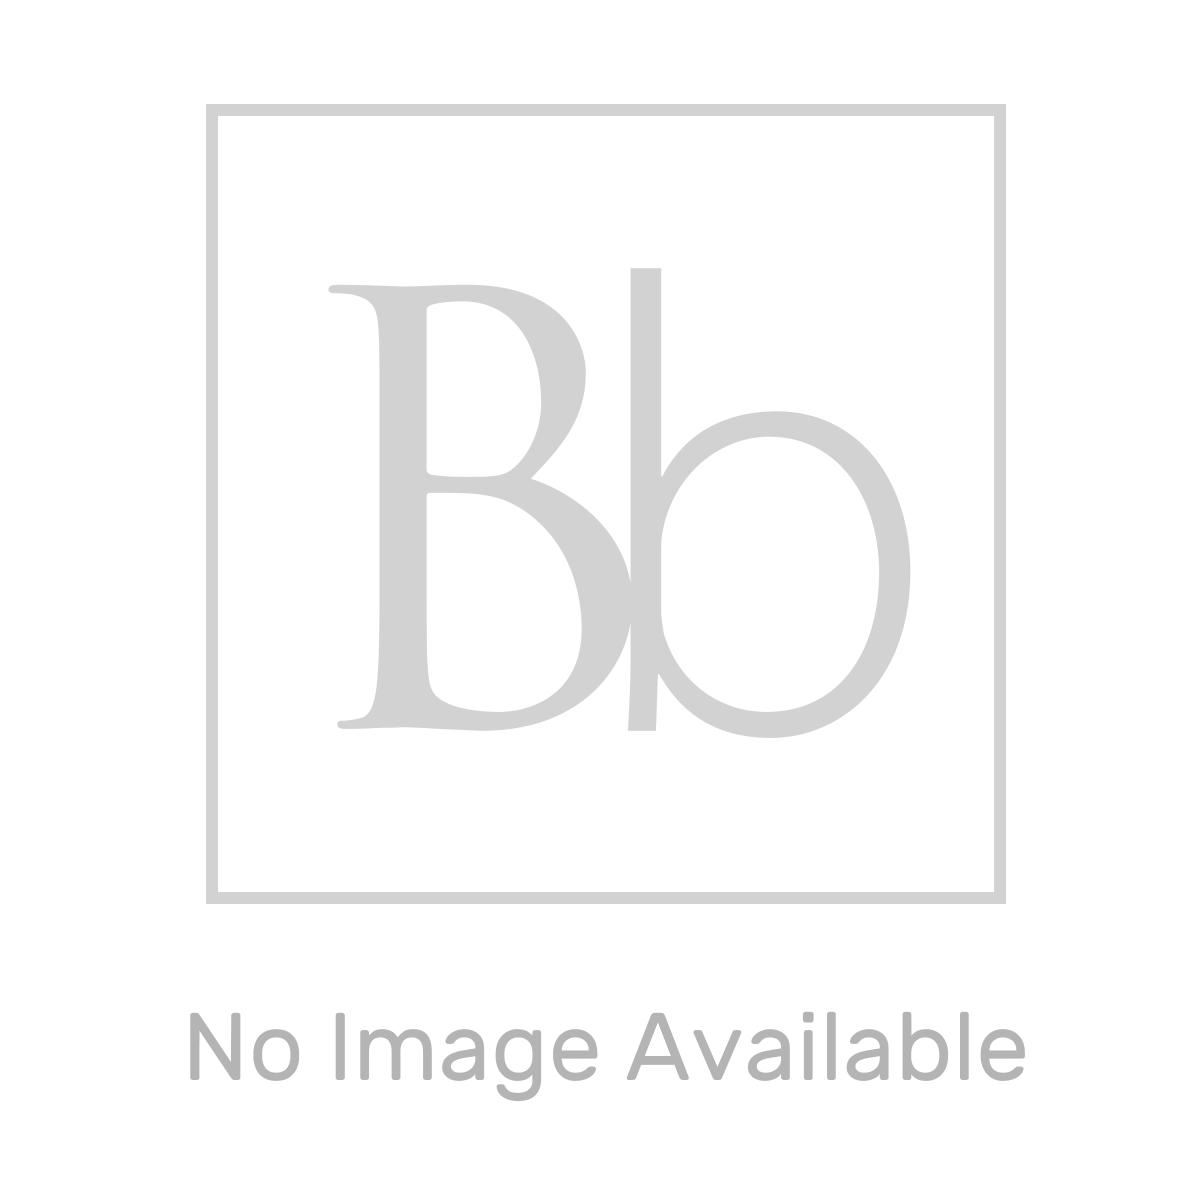 Nuie Athena Grey Avola 2 Door Floor Standing Vanity Unit with 40mm Profile Basin 500mm Line Drawing